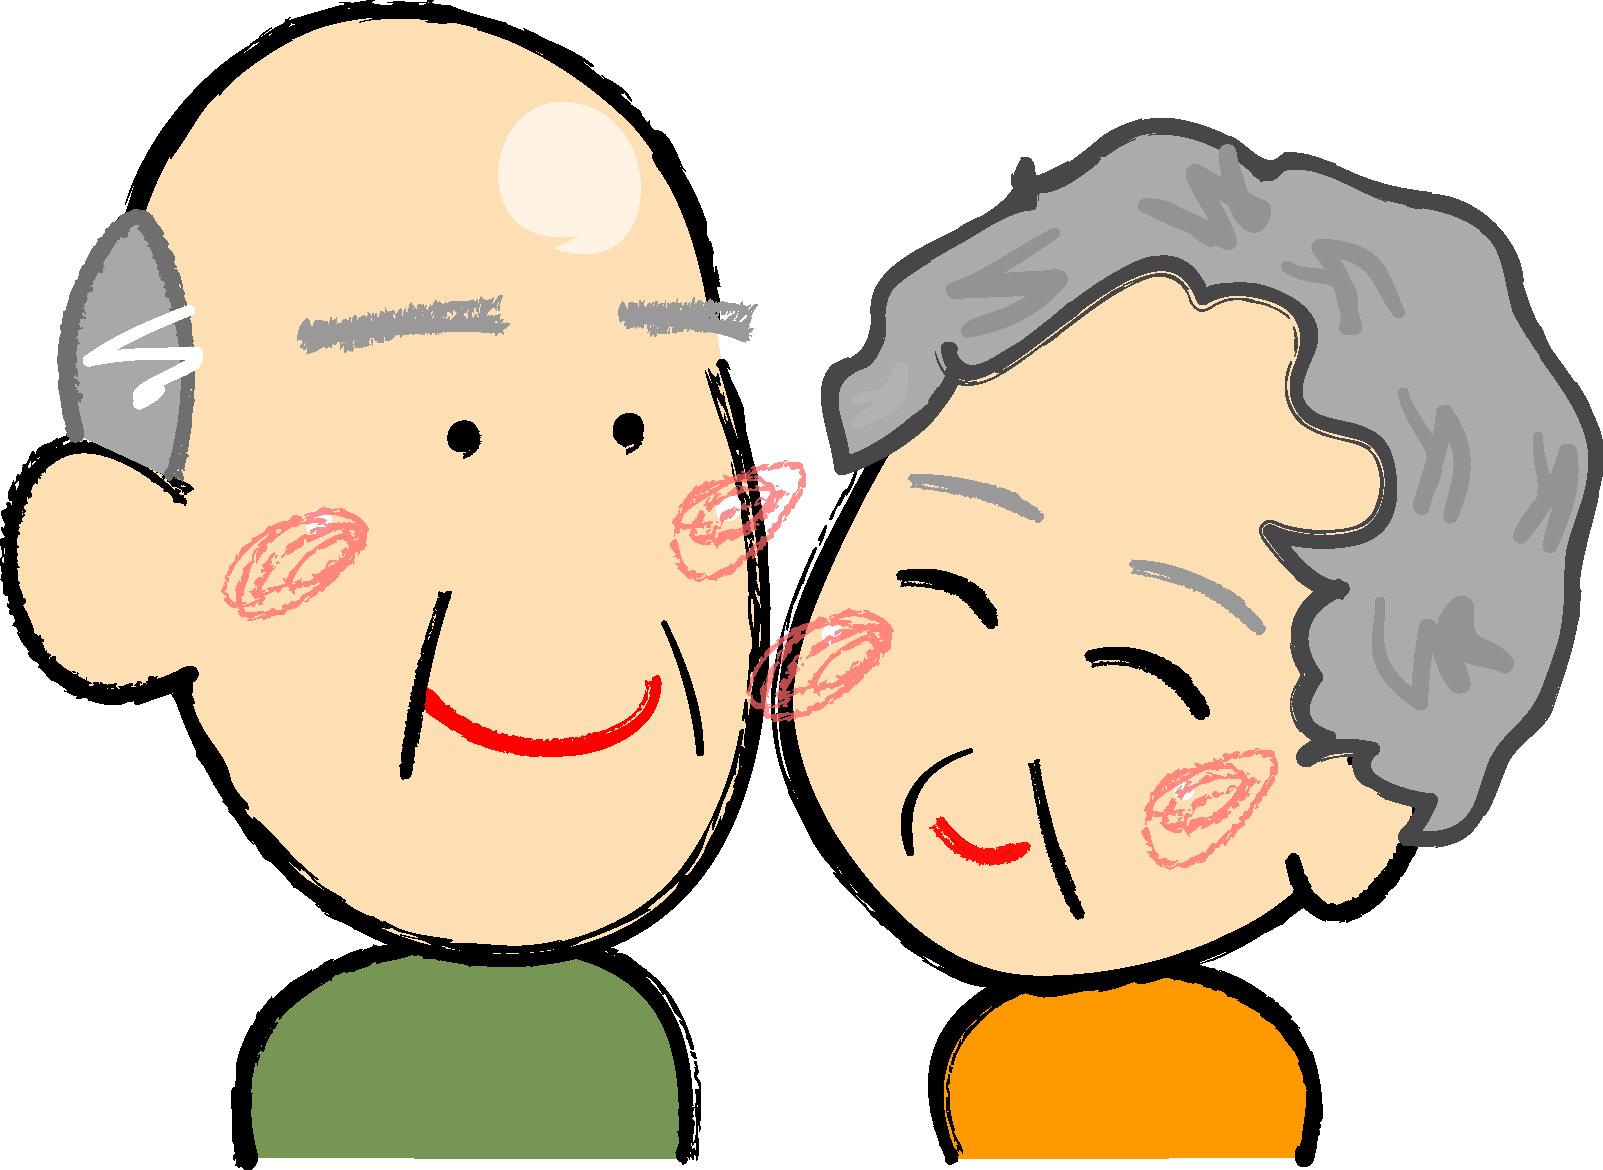 おじいちゃんとおばあちゃんの無料イラスト素材ダウンロード 印刷素材 Net